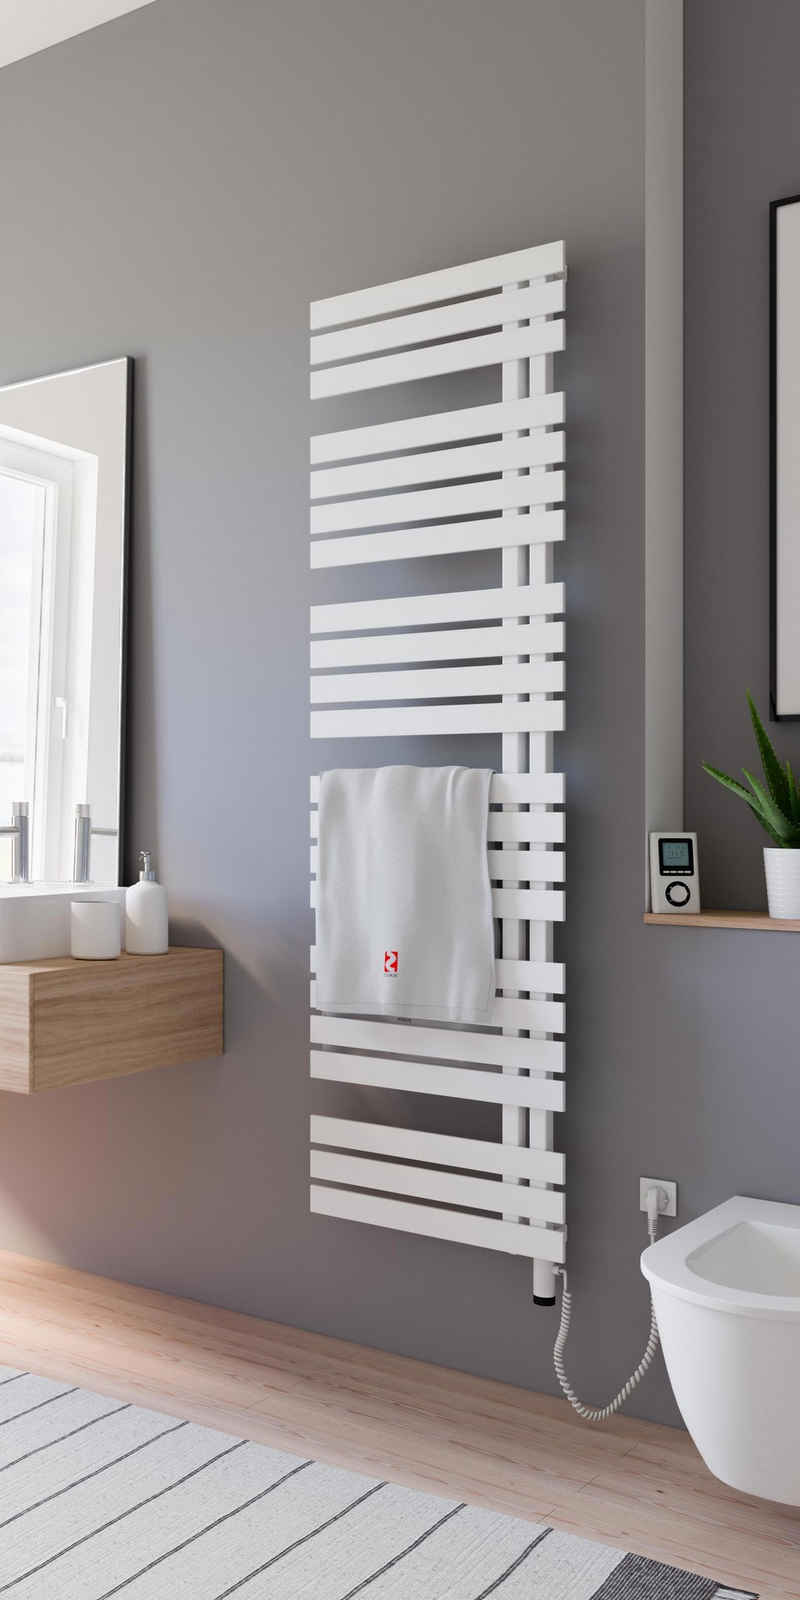 Schulte Elektrischer Badheizkörper »Design-Handtuchwärmekörper Breda«, inkl. Heizstab 5 mit Fernbedienung, steckerfertig